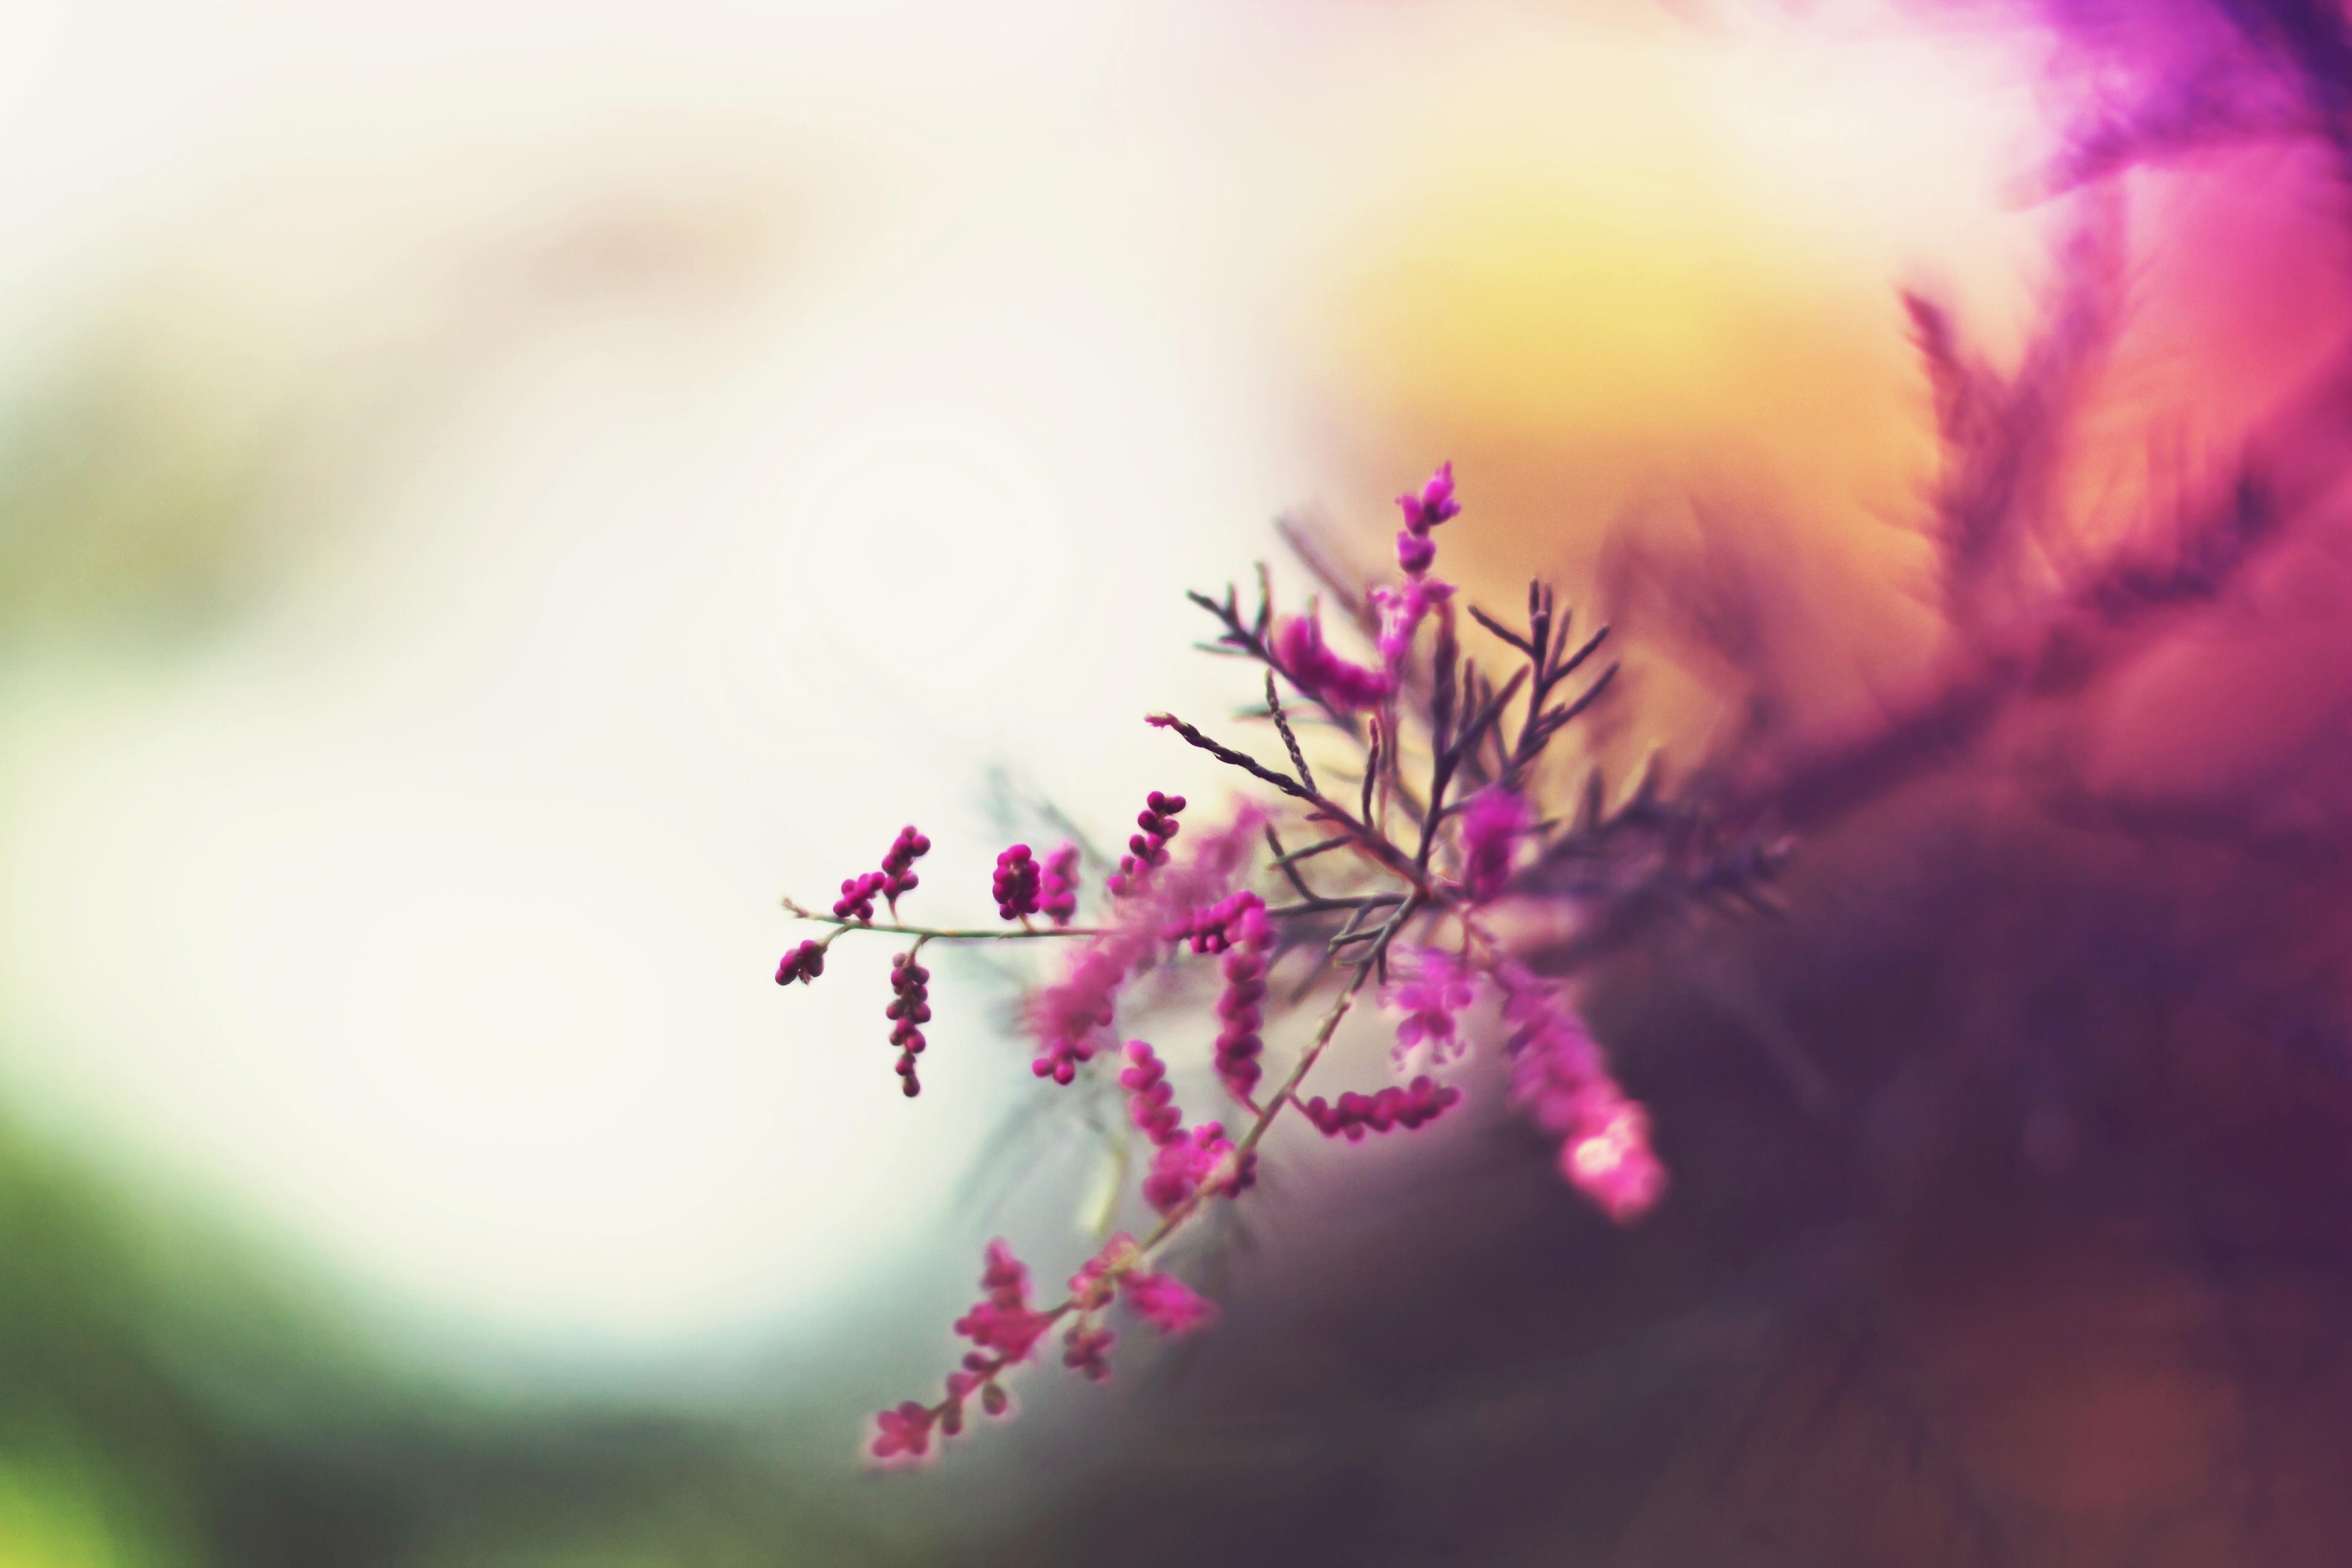 цветок, макро, розовый, природа, растения  № 695981 бесплатно